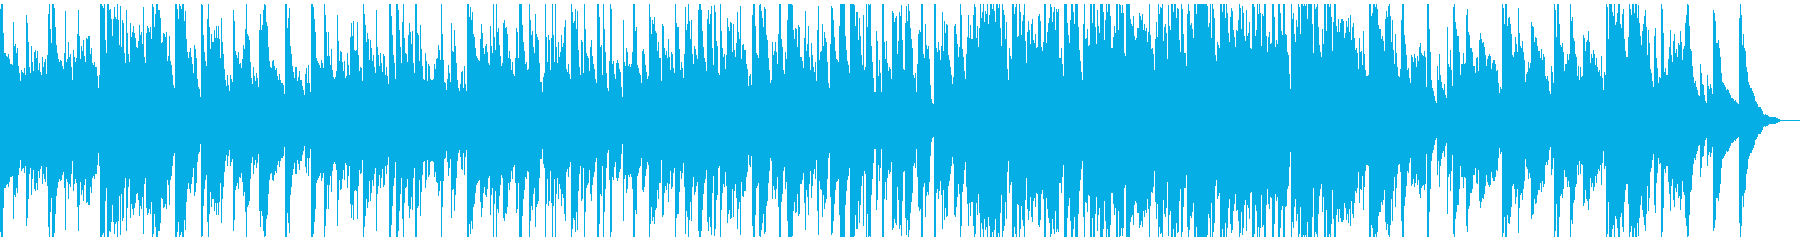 笑顔を取り戻せる優しいピアノ中心の曲の再生済みの波形